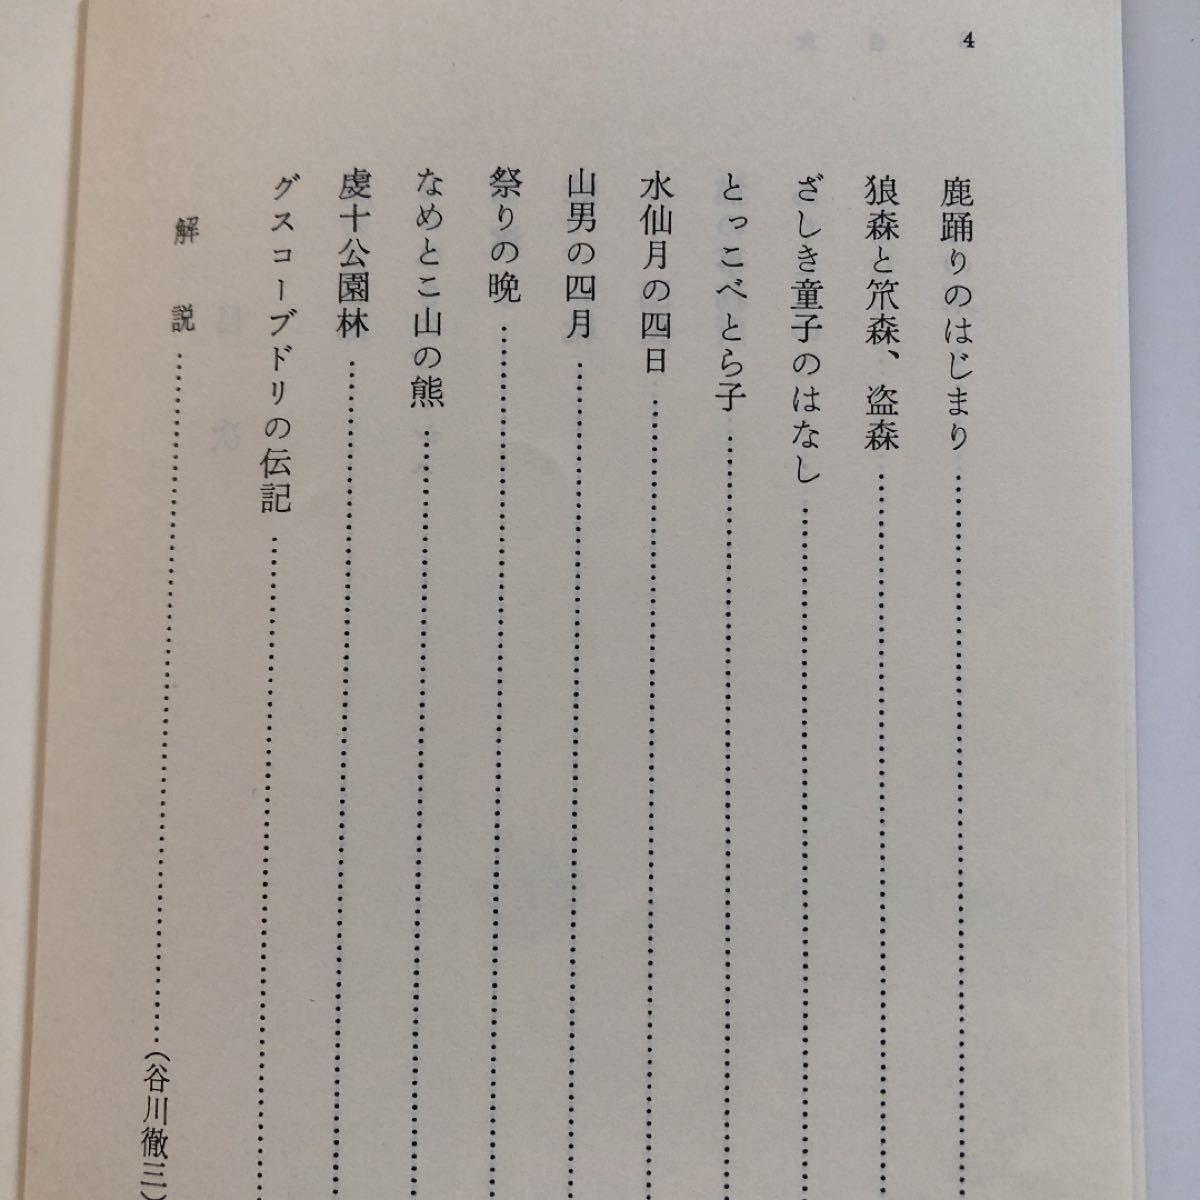 風の又三郎 他十八篇  改版/岩波書店/宮沢賢治 (文庫) 中古